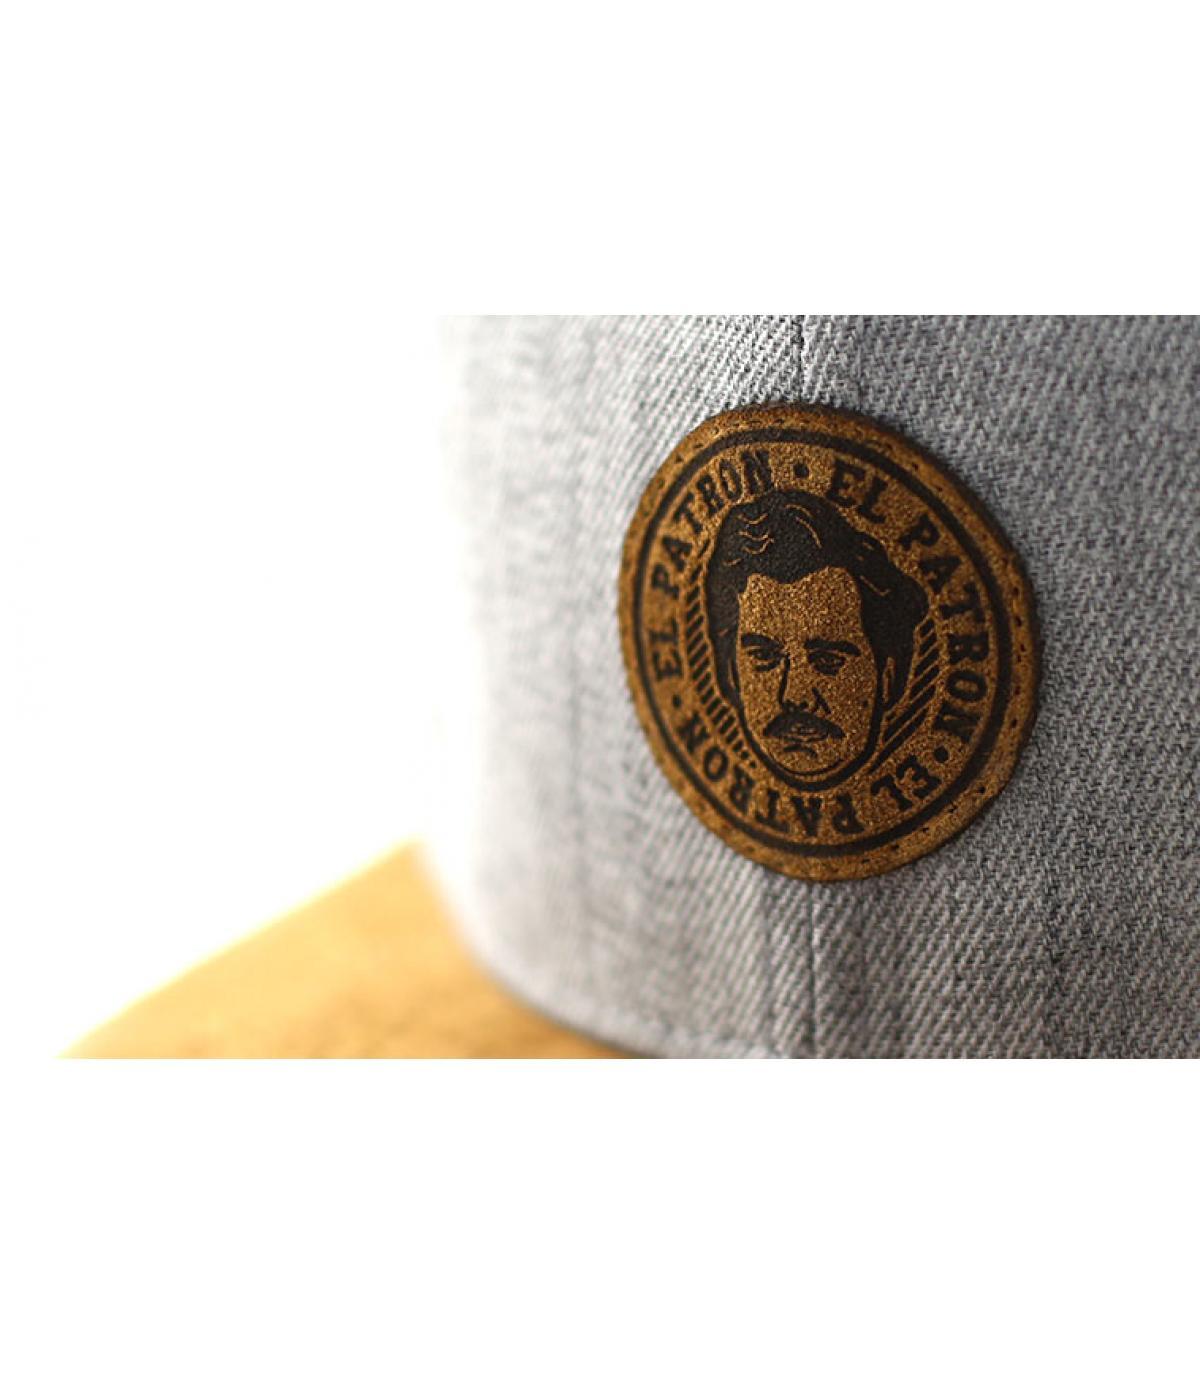 Details Snapback El Patron grey suede - Abbildung 3